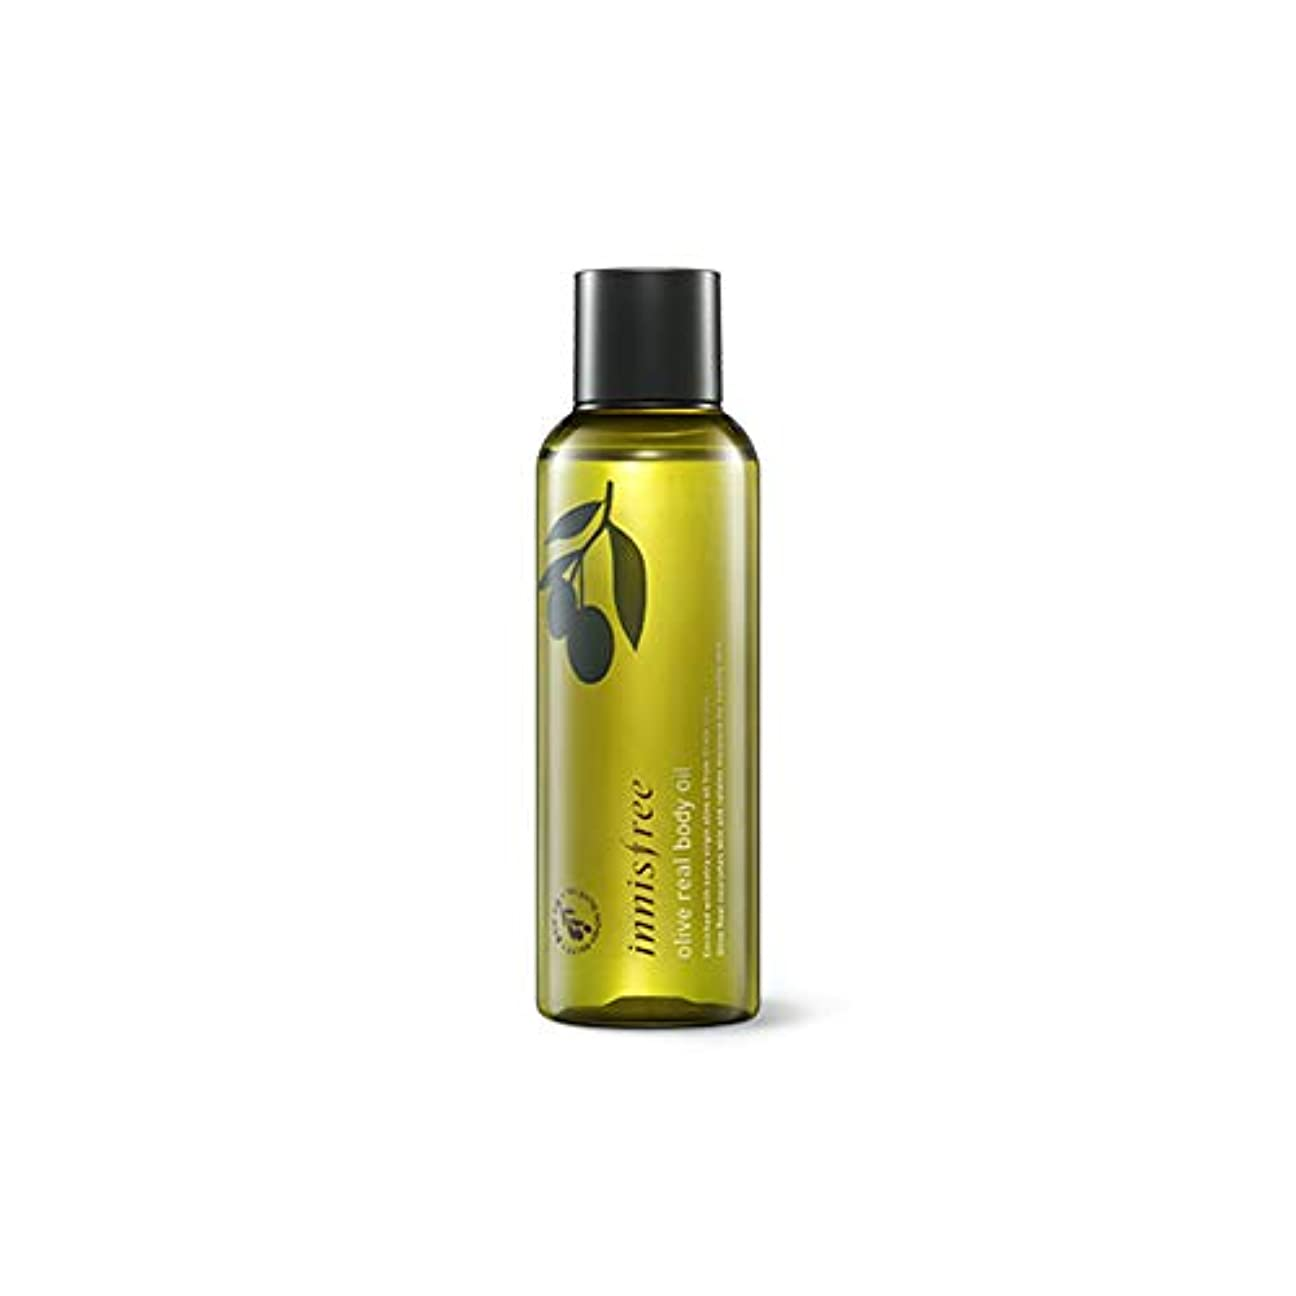 開いた驚いたことにフィヨルドイニスフリー Innisfree オリーブリアルボディーオイル(150ml) Innisfree Olive Real Body Oil(150ml) [海外直送品]